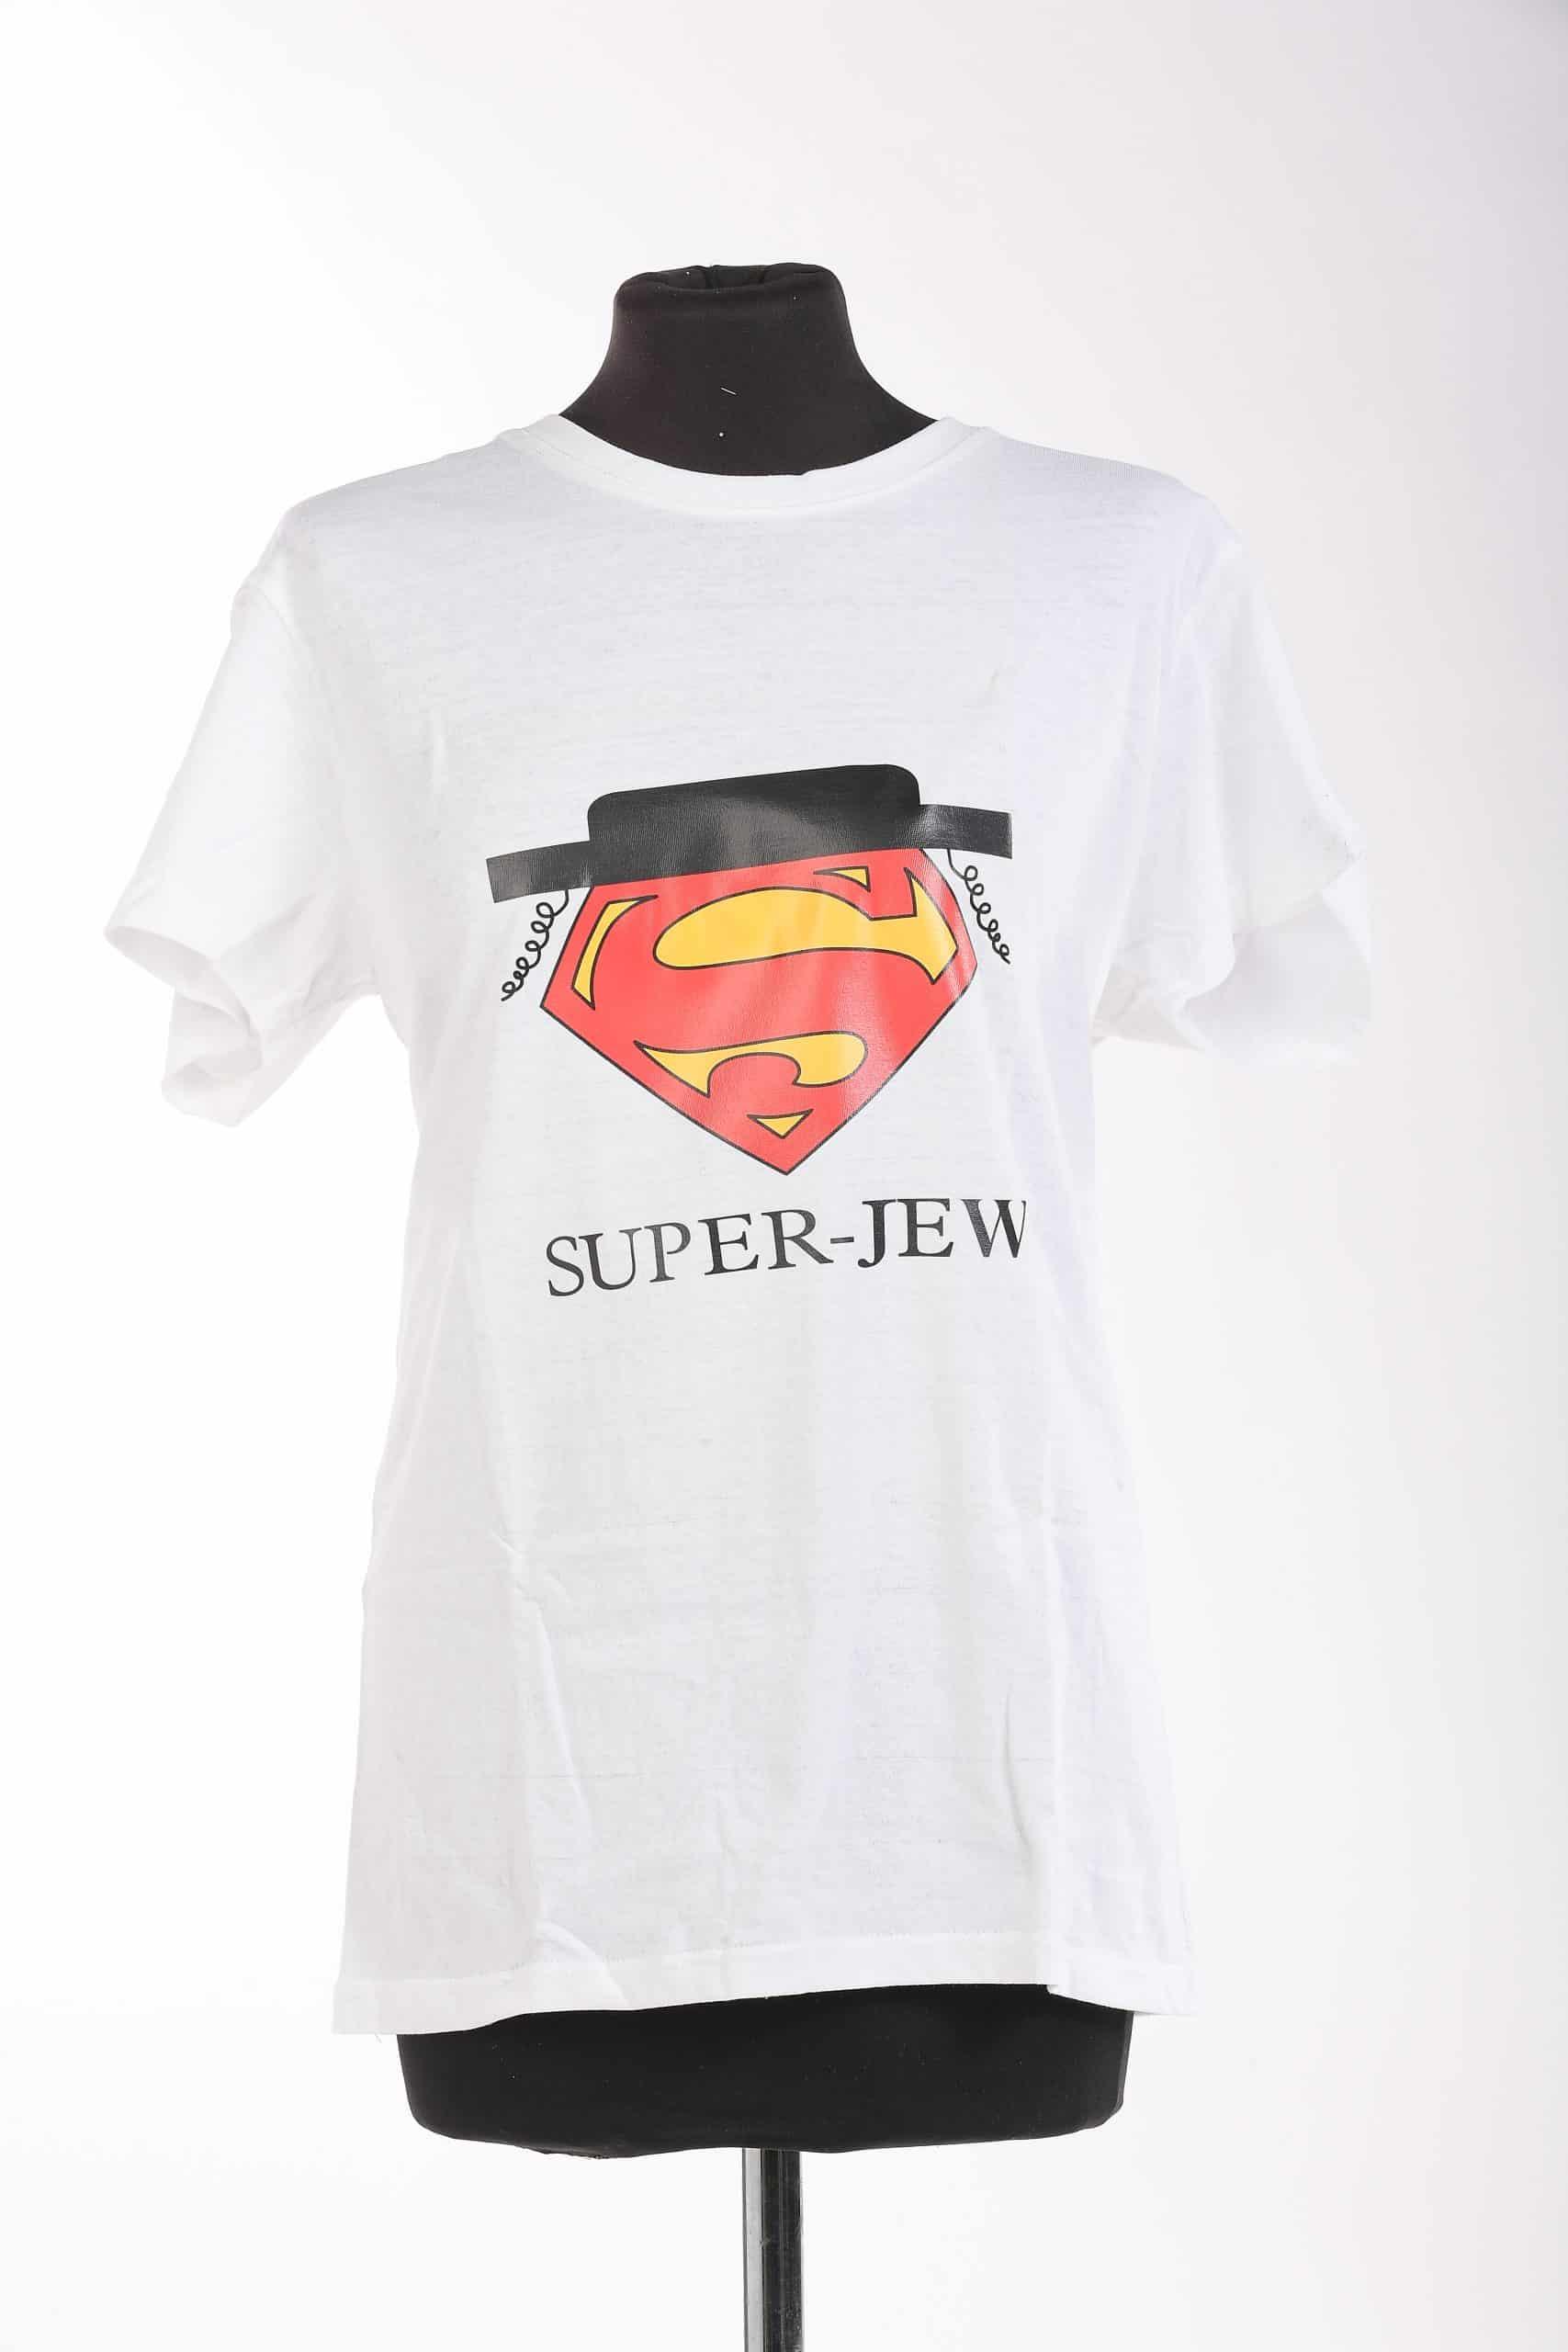 Holy Land T Shirts - Super Jew (S-XXL)